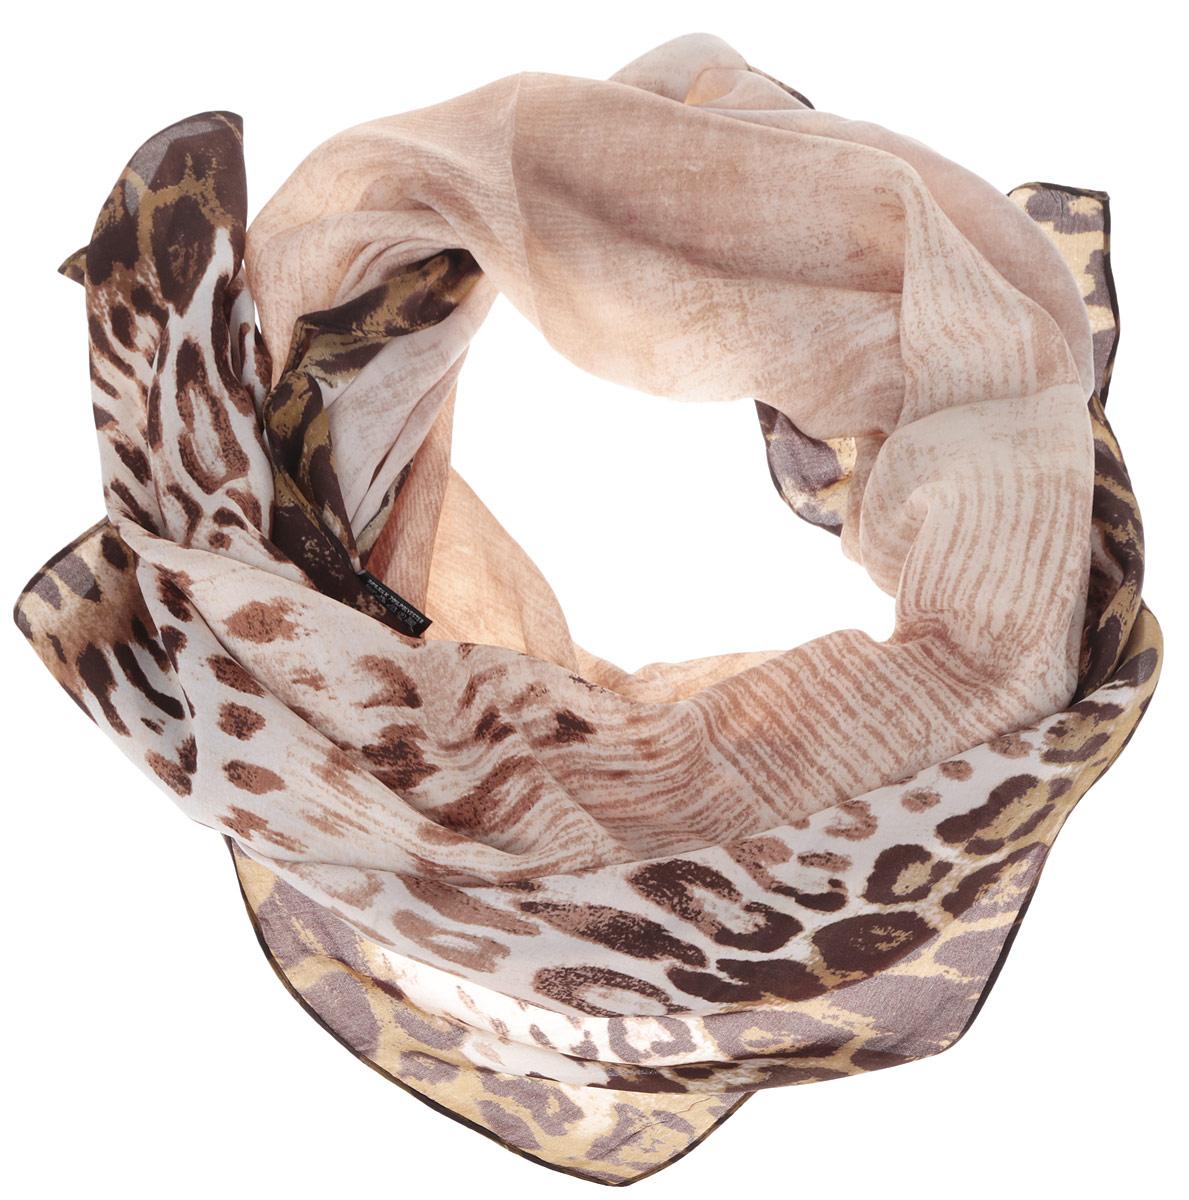 Шарф женский. RDL1503RDL1503-1Женский шарф Fabretti, выполненный из полиэстера с добавлением шелка, гармонично дополнит образ современной женщины. Благодаря своему составу, он мягкий и очень приятный на ощупь. Модель оформлена по краям леопардовым принтом. Современный дизайн и расцветка делают этот шарф модным и стильным женским аксессуаром. Он подарит вам ощущение комфорта и уюта.